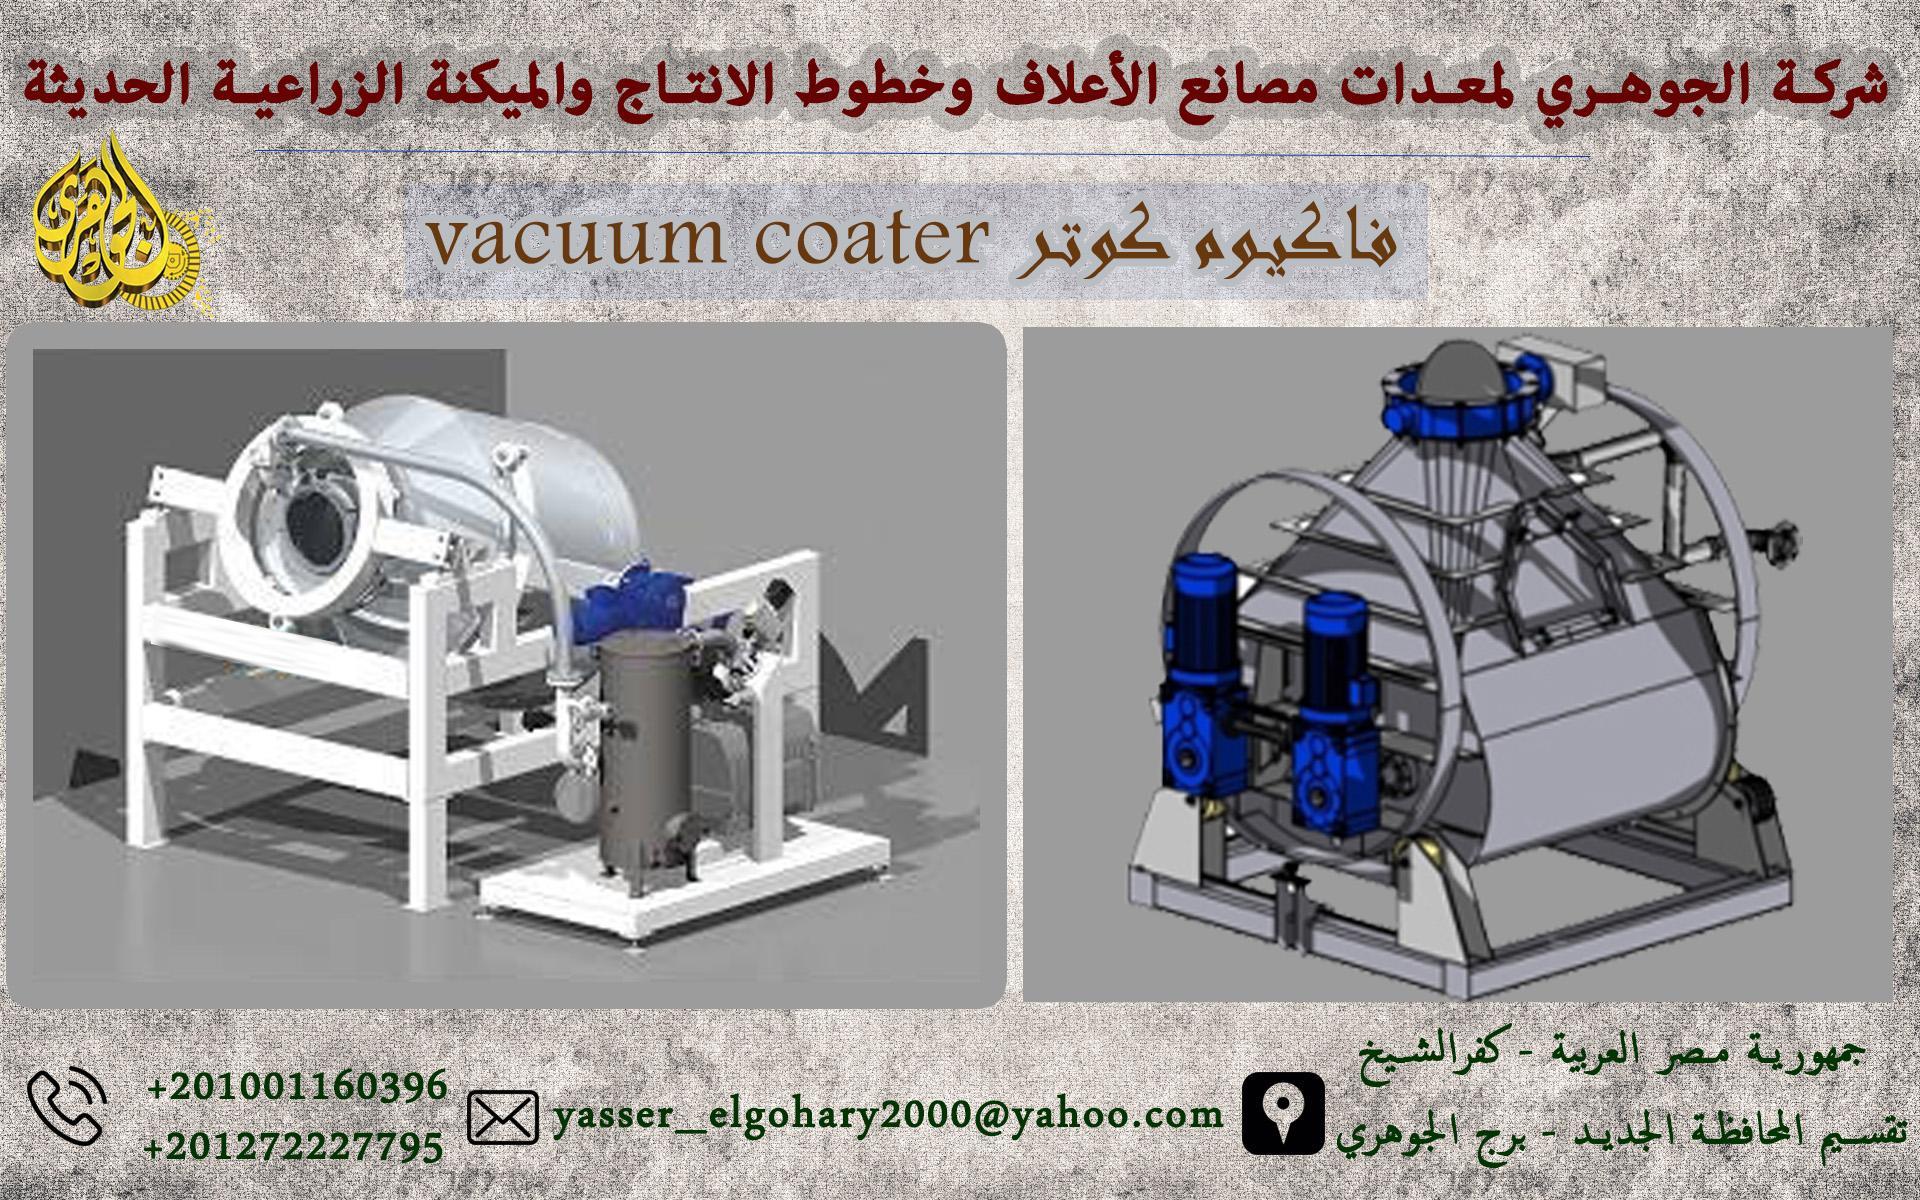 فاكيوم كوتر معدات مصانع الأعلاف 657113560.jpg